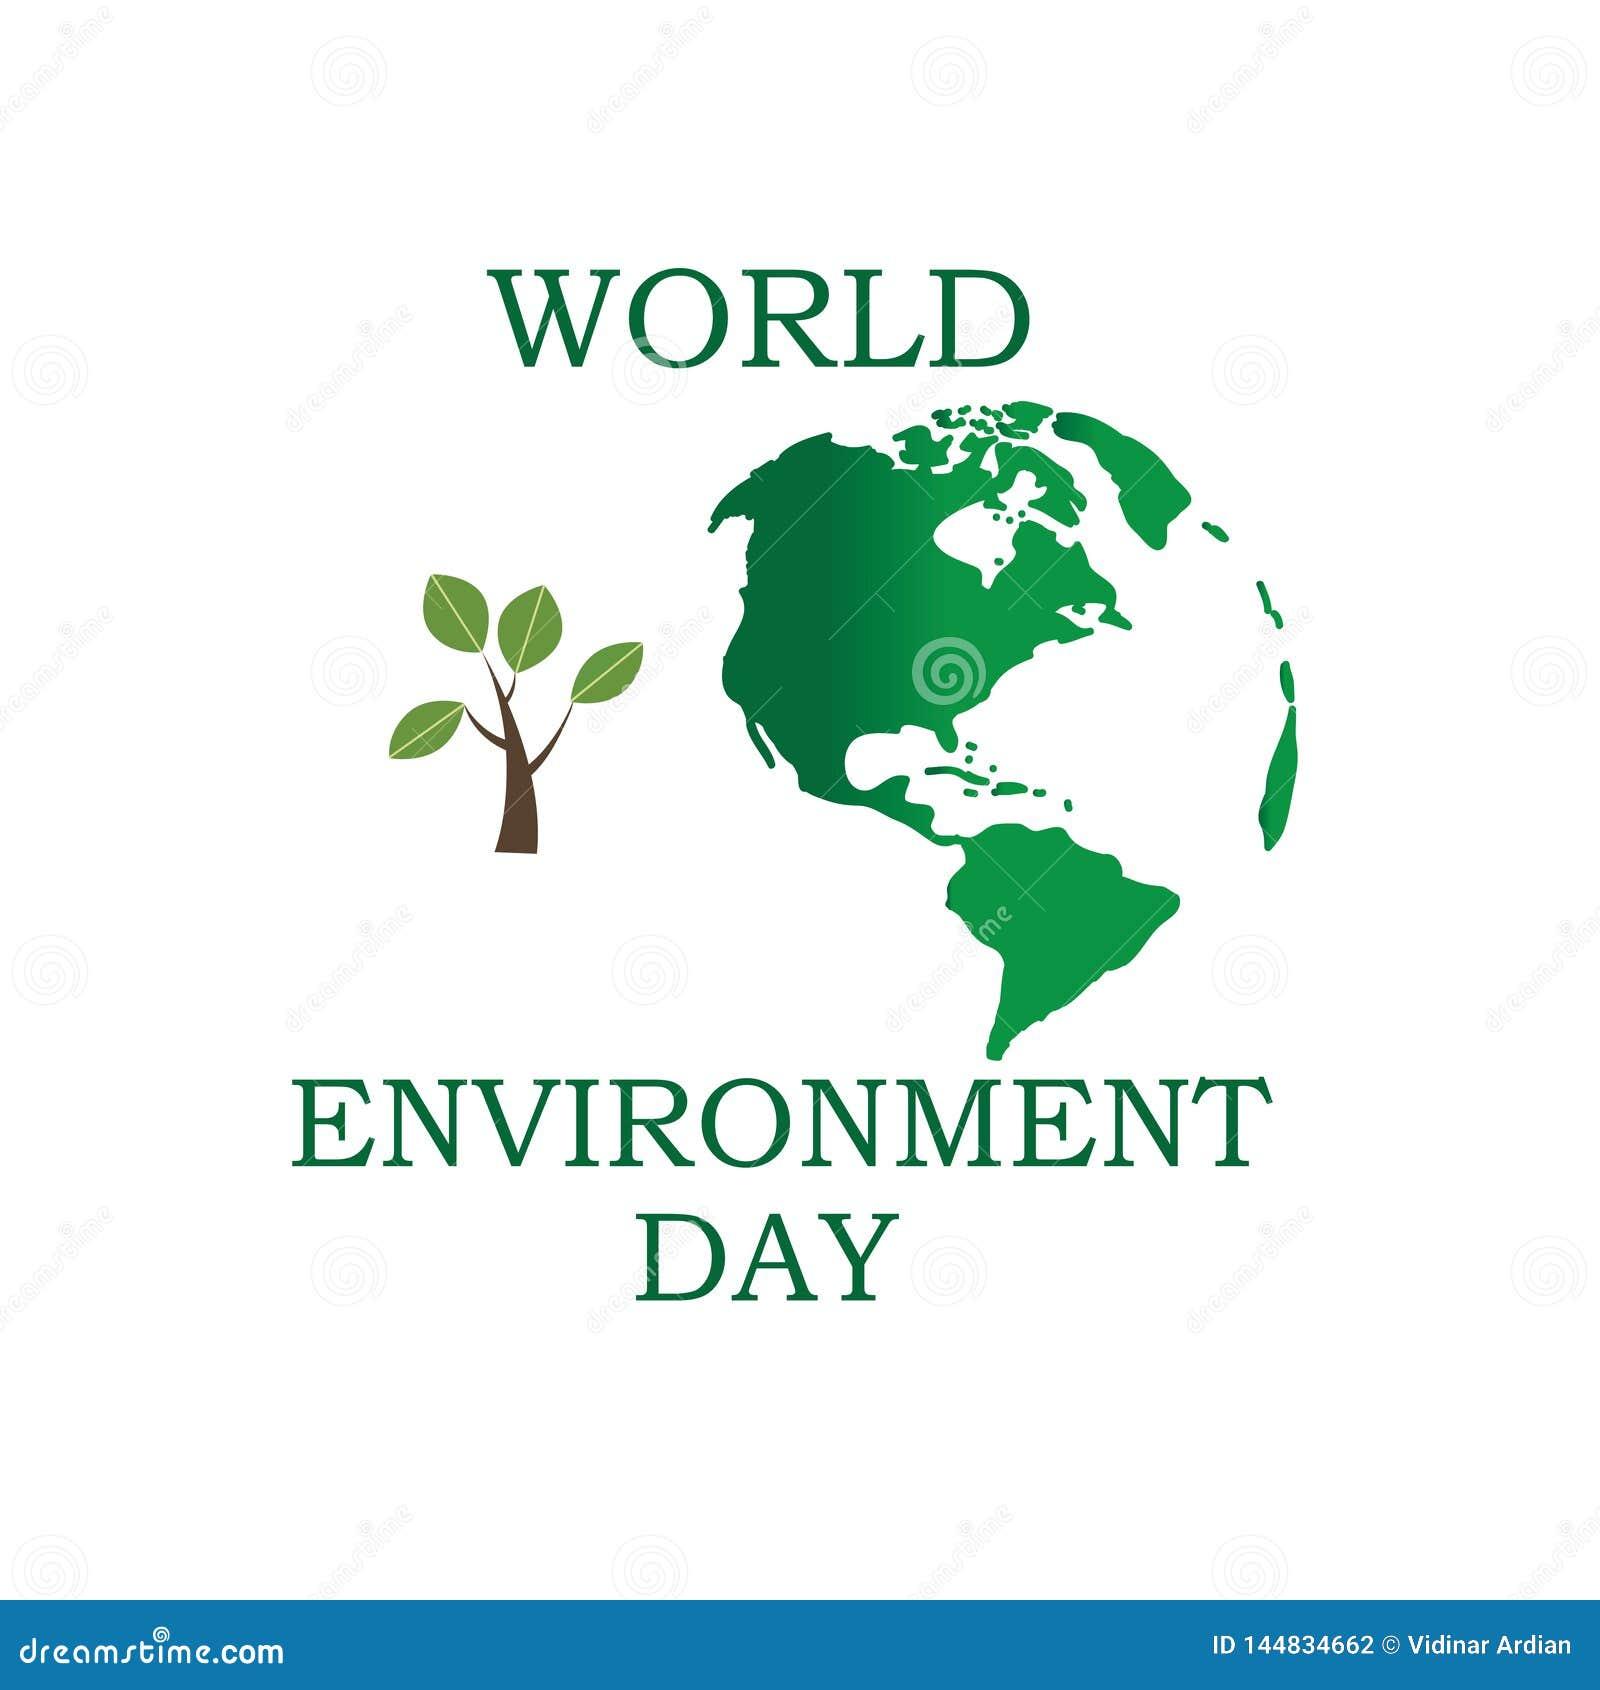 D?a de ambiente de mundo Concepto del d?a del ambiente mundial Tierra verde de Eco Ejemplo del vector del d?a del ambiente mundia